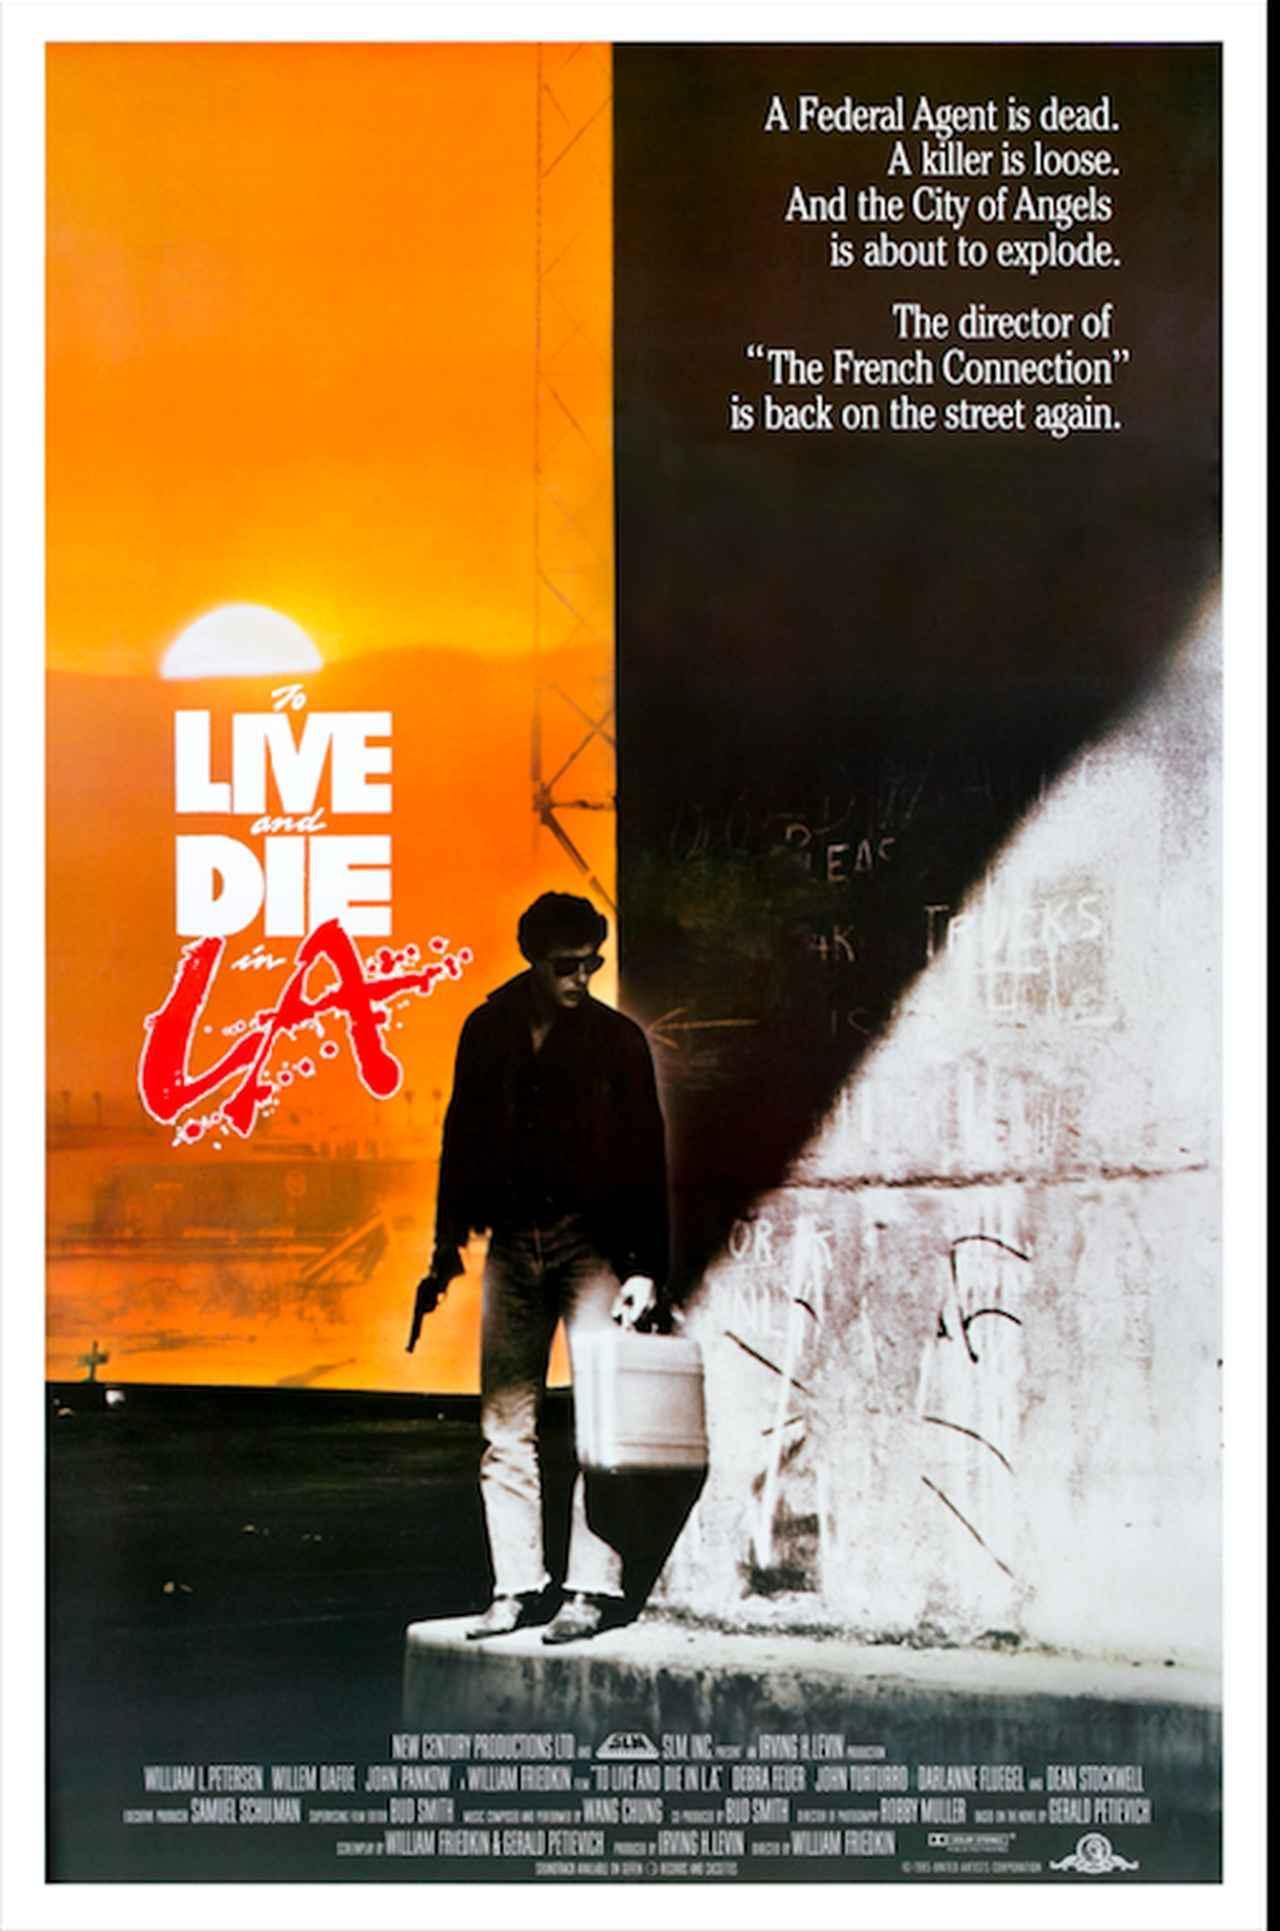 画像: 「L.A.大捜査線 / 狼たちの街」1985年|アメリカ映画|1986年劇場公開作品|116分| 原題:TO LIVE AND DIE IN L.A. © 1985 Metro-Goldwyn-Mayer Studios Inc. All Rights Reserved.